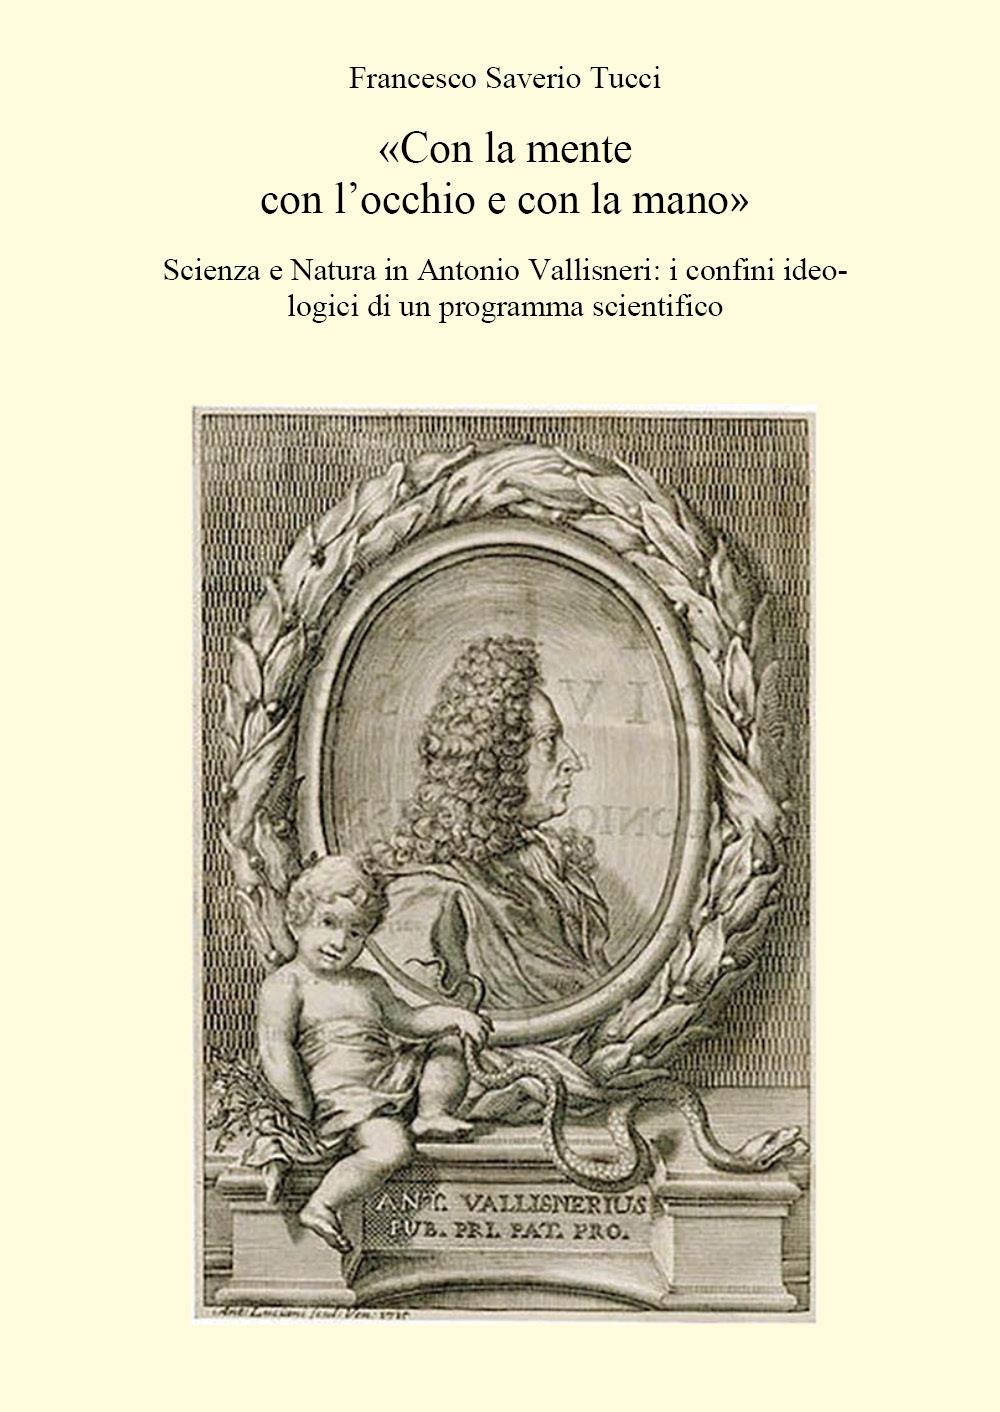 Con la mente con l'occhio e con la mano. Scienza e Natura in Antonio Vallisneri